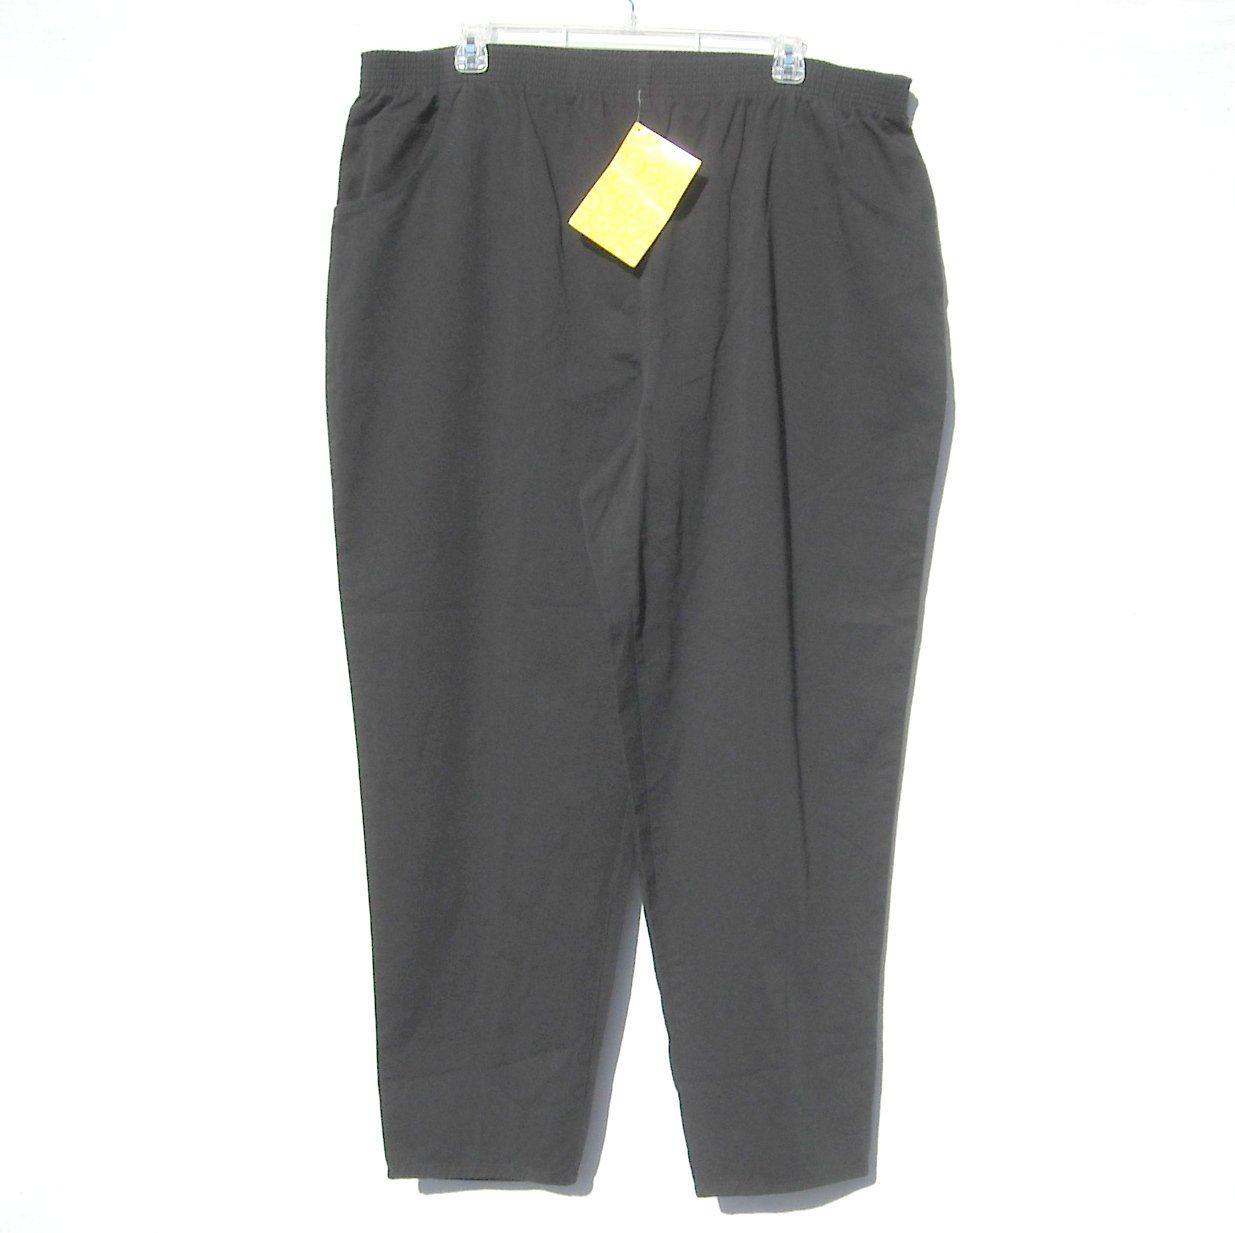 Signatures By Delta Burke Qvc Women S Black Cotton Pants Plus Size 3x Nwt Cotton Pants Black Cotton Delta Burke